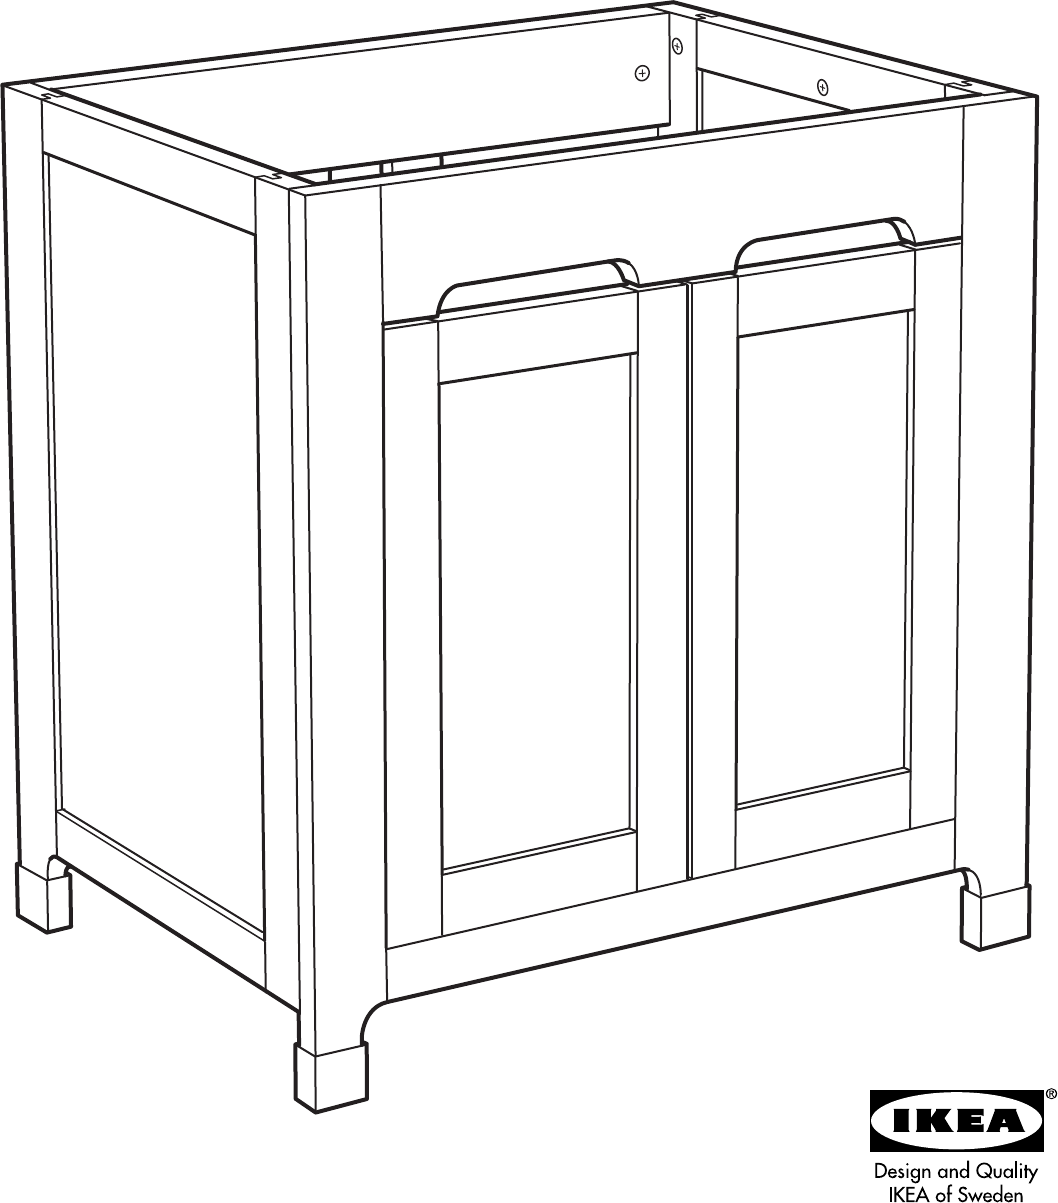 Bedienungsanleitung Ikea Freden Badkamerkast (Seite 1 von 24) (Alle ...